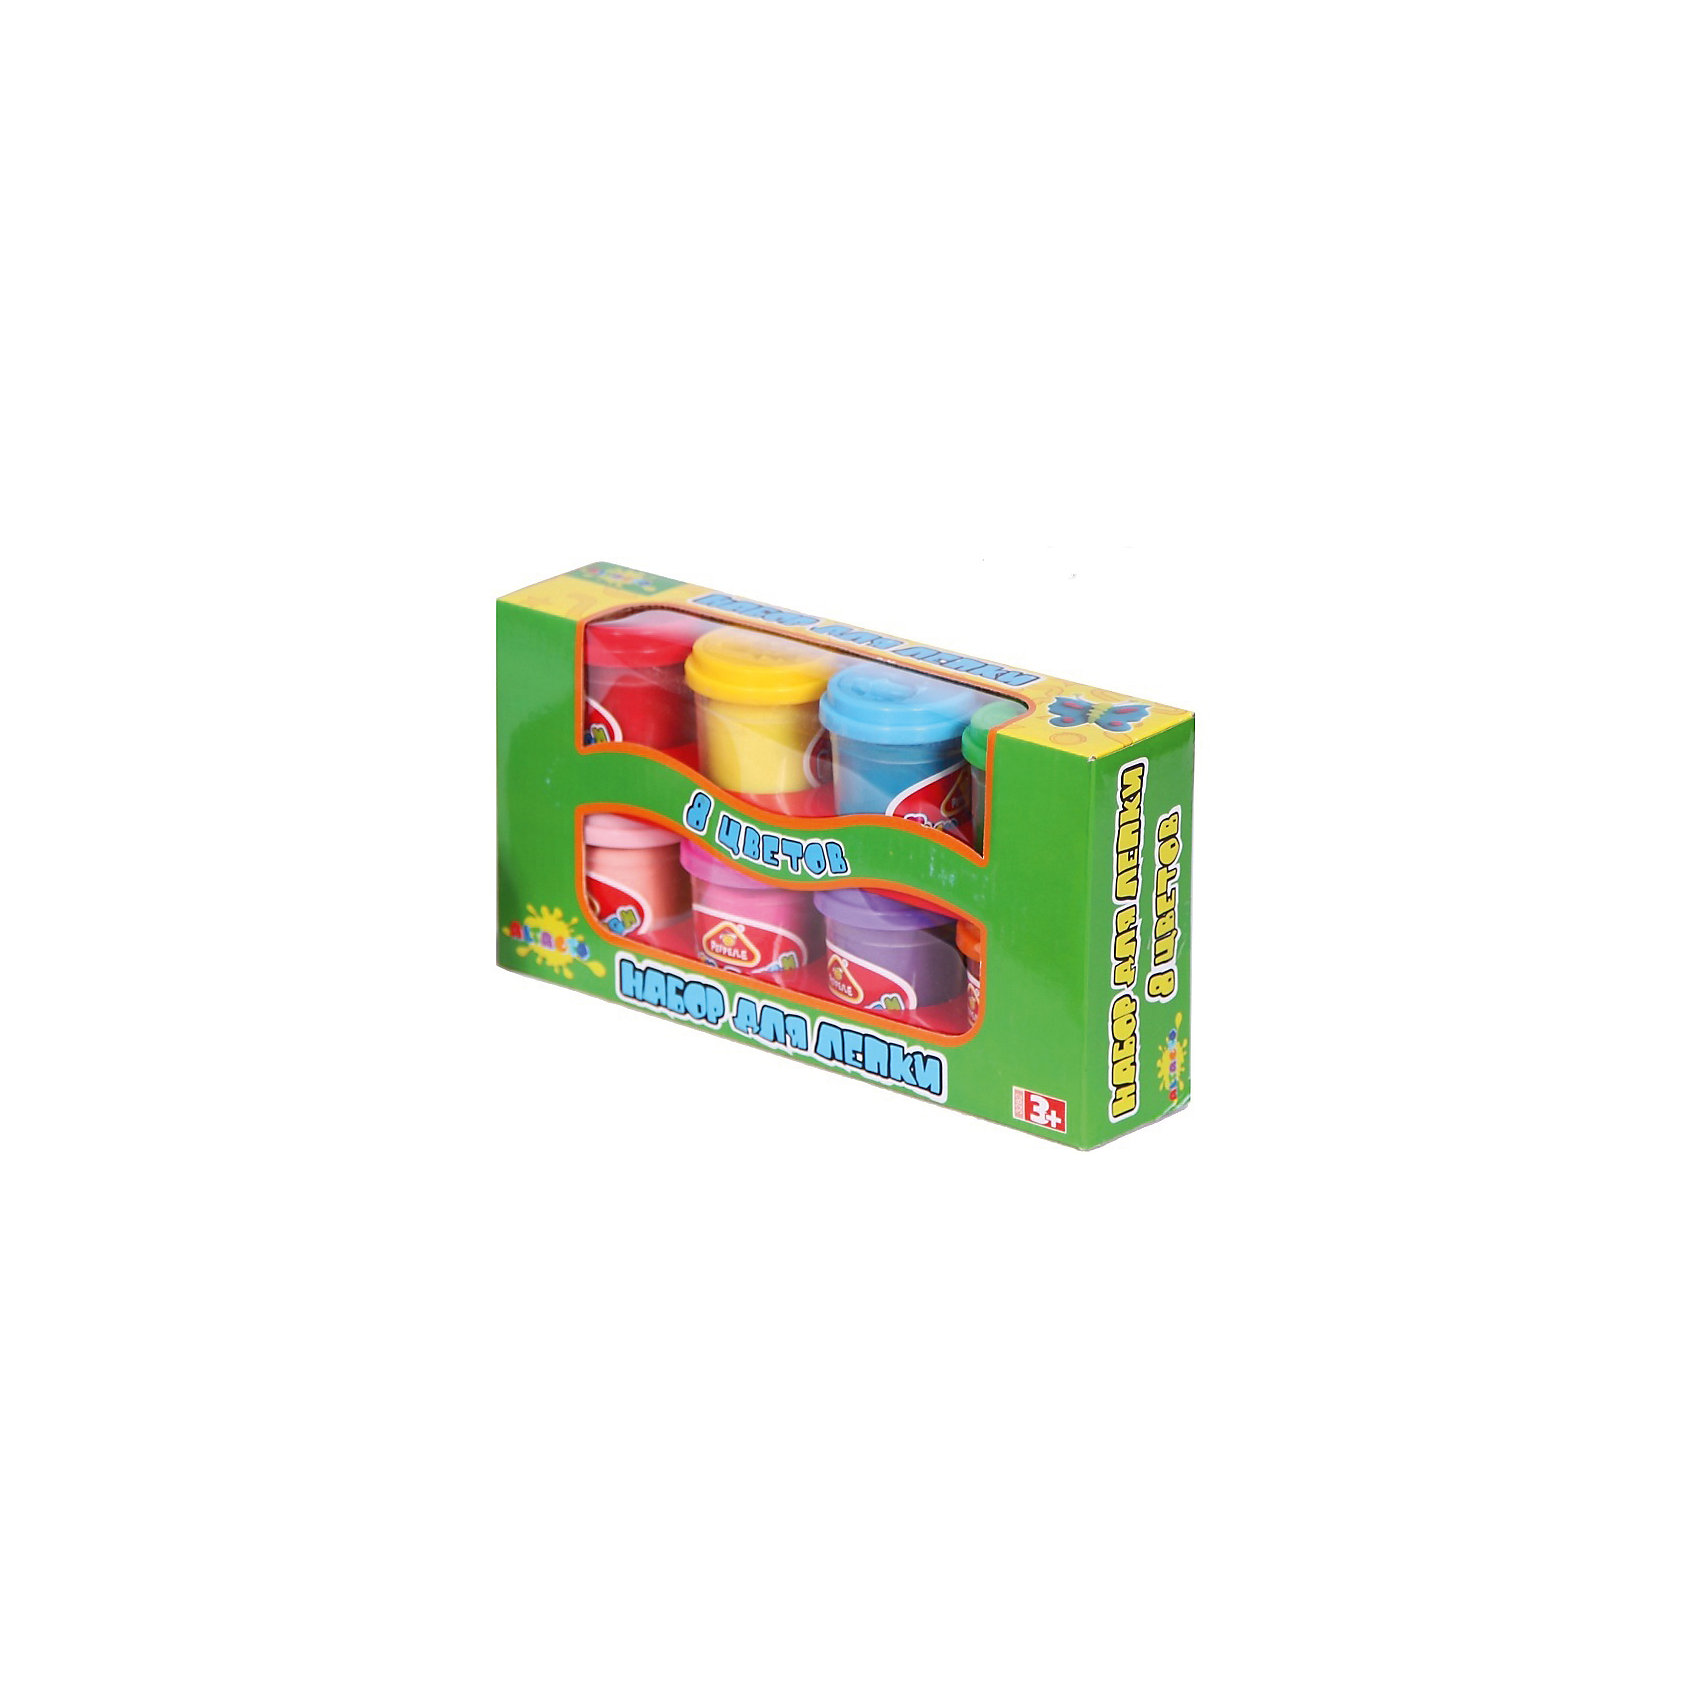 Масса для лепки , 8 цветовЦелых восемь ярких оттенков цветов - оптимальный из вариантов выбор набора для лепки, благодаря которому ребёнок создаст себе новые игрушки!<br>Консистенция состава для лепки приятна ощупь, практична в использовании и не пачкает ручки деткам. Материал набора не содержит химических красителей - раздражителей и абсолютно безопасен для детского здоровья.<br><br>Лепка развивает воображение, творческие способности ребёнка и мелкую моторику рук.<br><br>Дополнительная информация:<br><br>- Материал: натуральный состав для лепки, пластик.<br>- Возраст ребёнка: от 3 до 6 лет.<br>- В наборе: 8 баночек массы для лепки по 56,7 гр.<br>- Состав массы для лепки: вода, мука пшеничная, ванильный экстракт, белый вазелин, хлористый натрий (соль), консервант (сорбат калия), хлорид кальция, пигмент цвета.<br>- Размер упаковки: 24,5x13x5,5 см.<br><br>Купить массу для лепки можно в нашем магазине.<br><br>Ширина мм: 245<br>Глубина мм: 130<br>Высота мм: 55<br>Вес г: 688<br>Возраст от месяцев: 36<br>Возраст до месяцев: 72<br>Пол: Унисекс<br>Возраст: Детский<br>SKU: 4753810